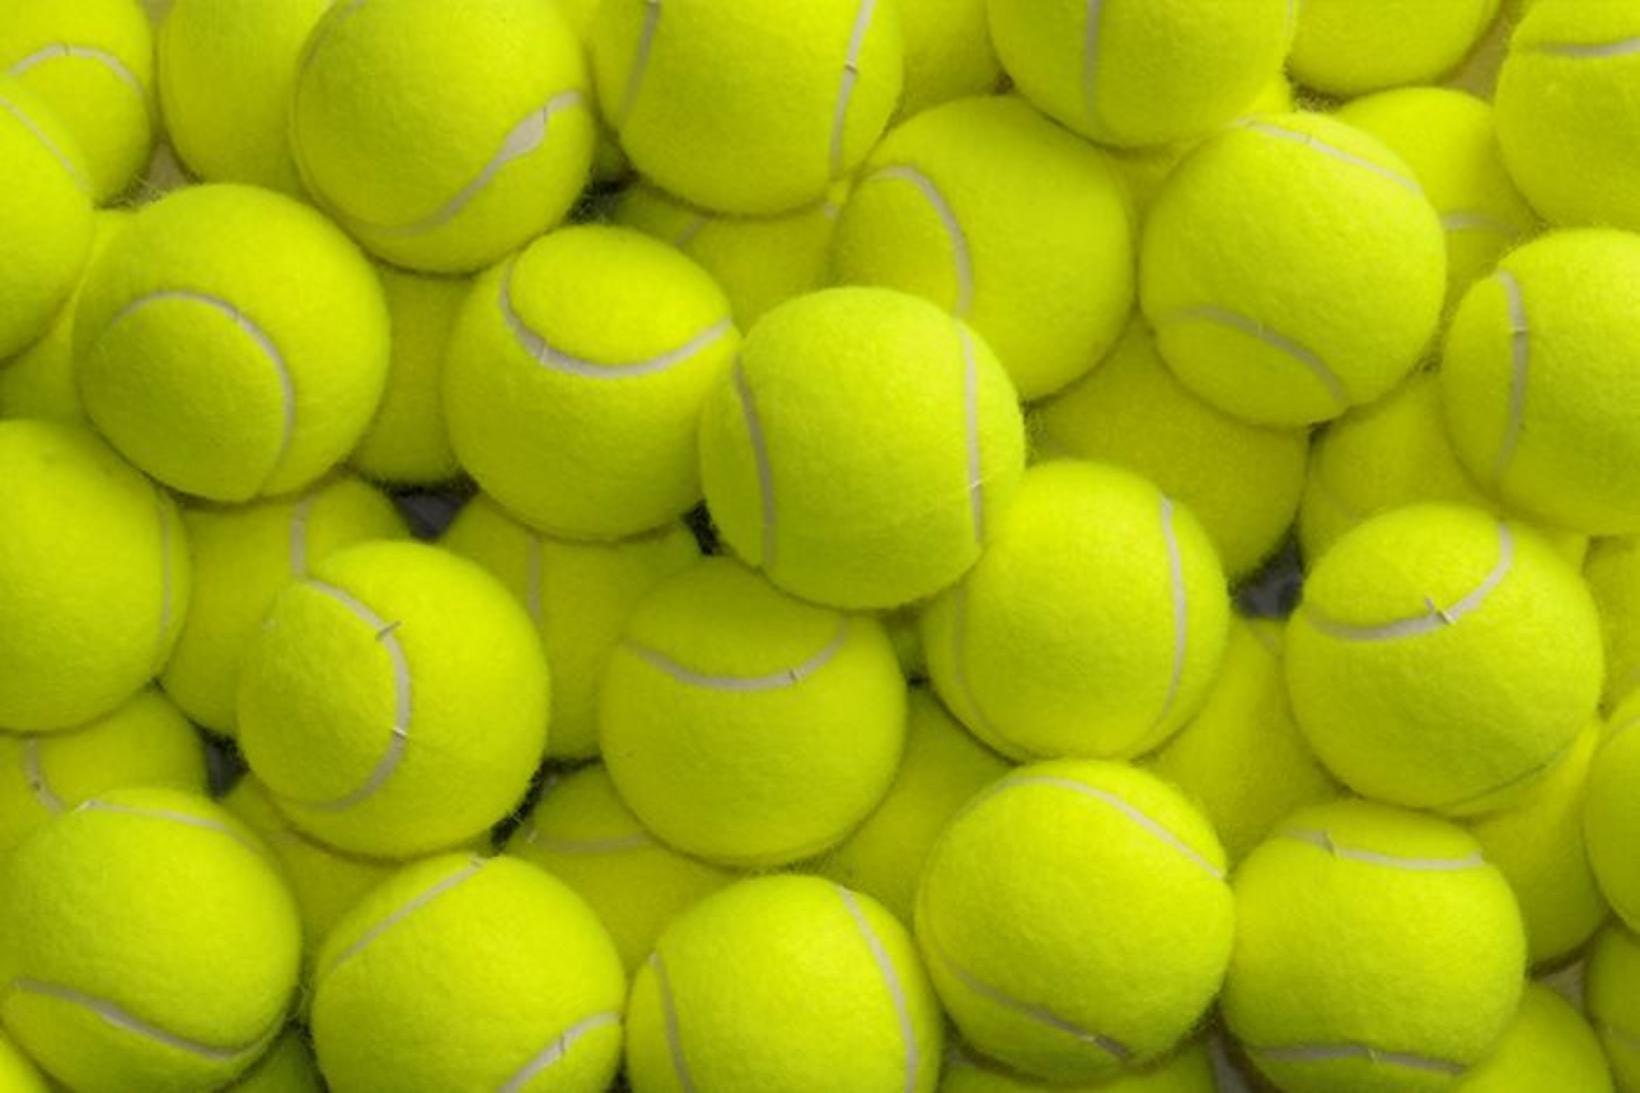 Tennisboltar eru nytsamlegir í húsverkin.